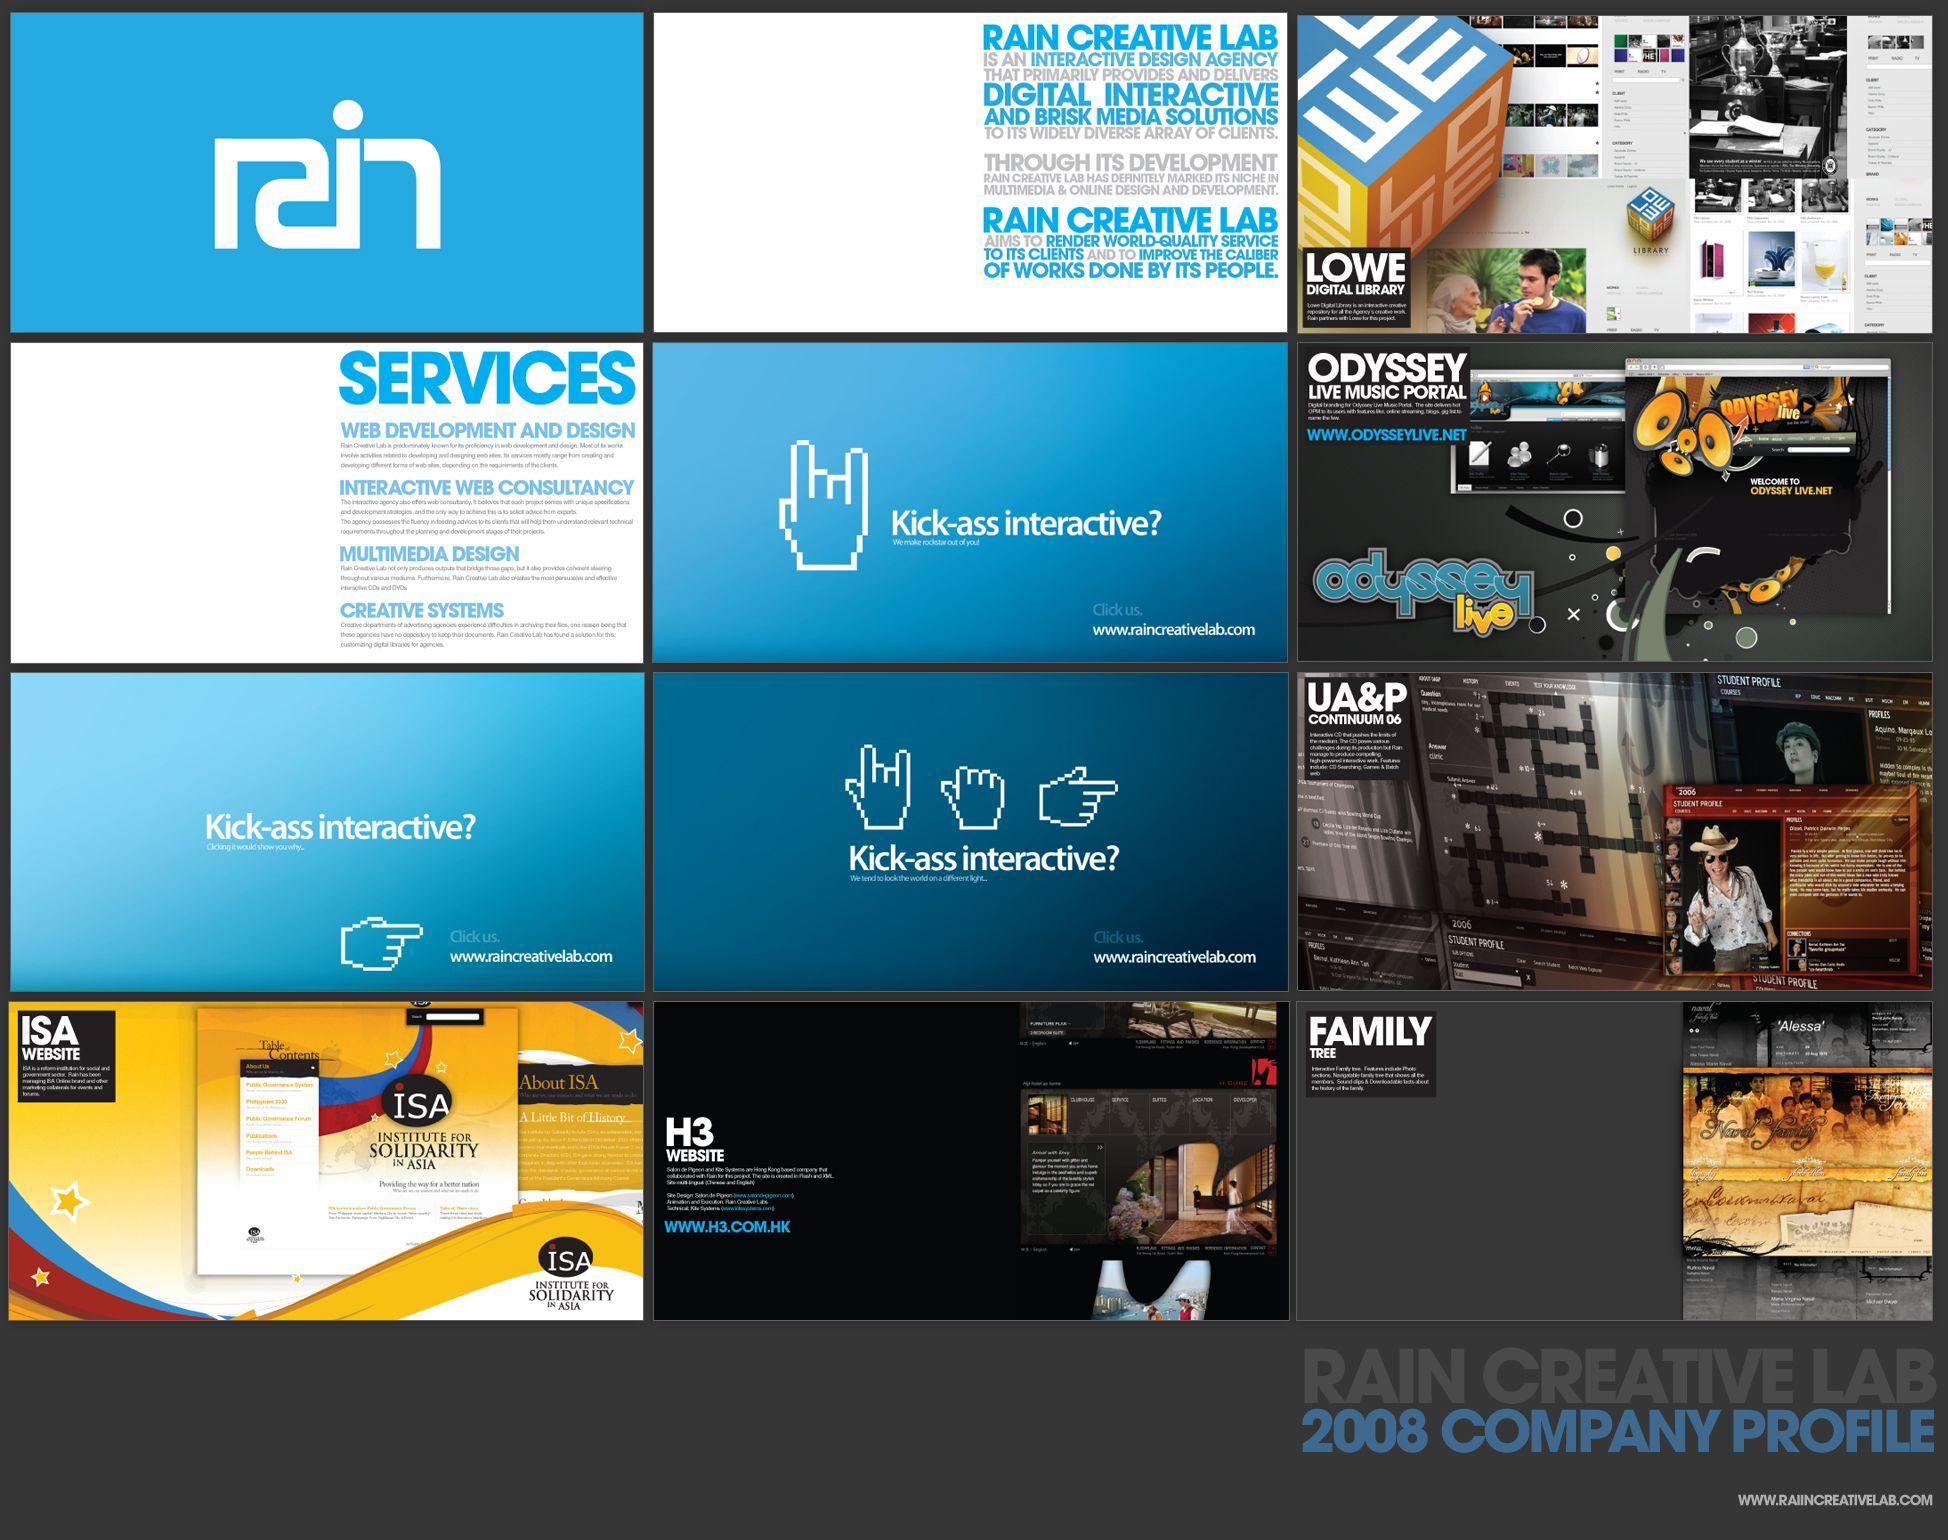 Kumpulan contoh pany profile untuk jasa desain serta pesan pembuatan desain profil perusahaan silakan hubungi